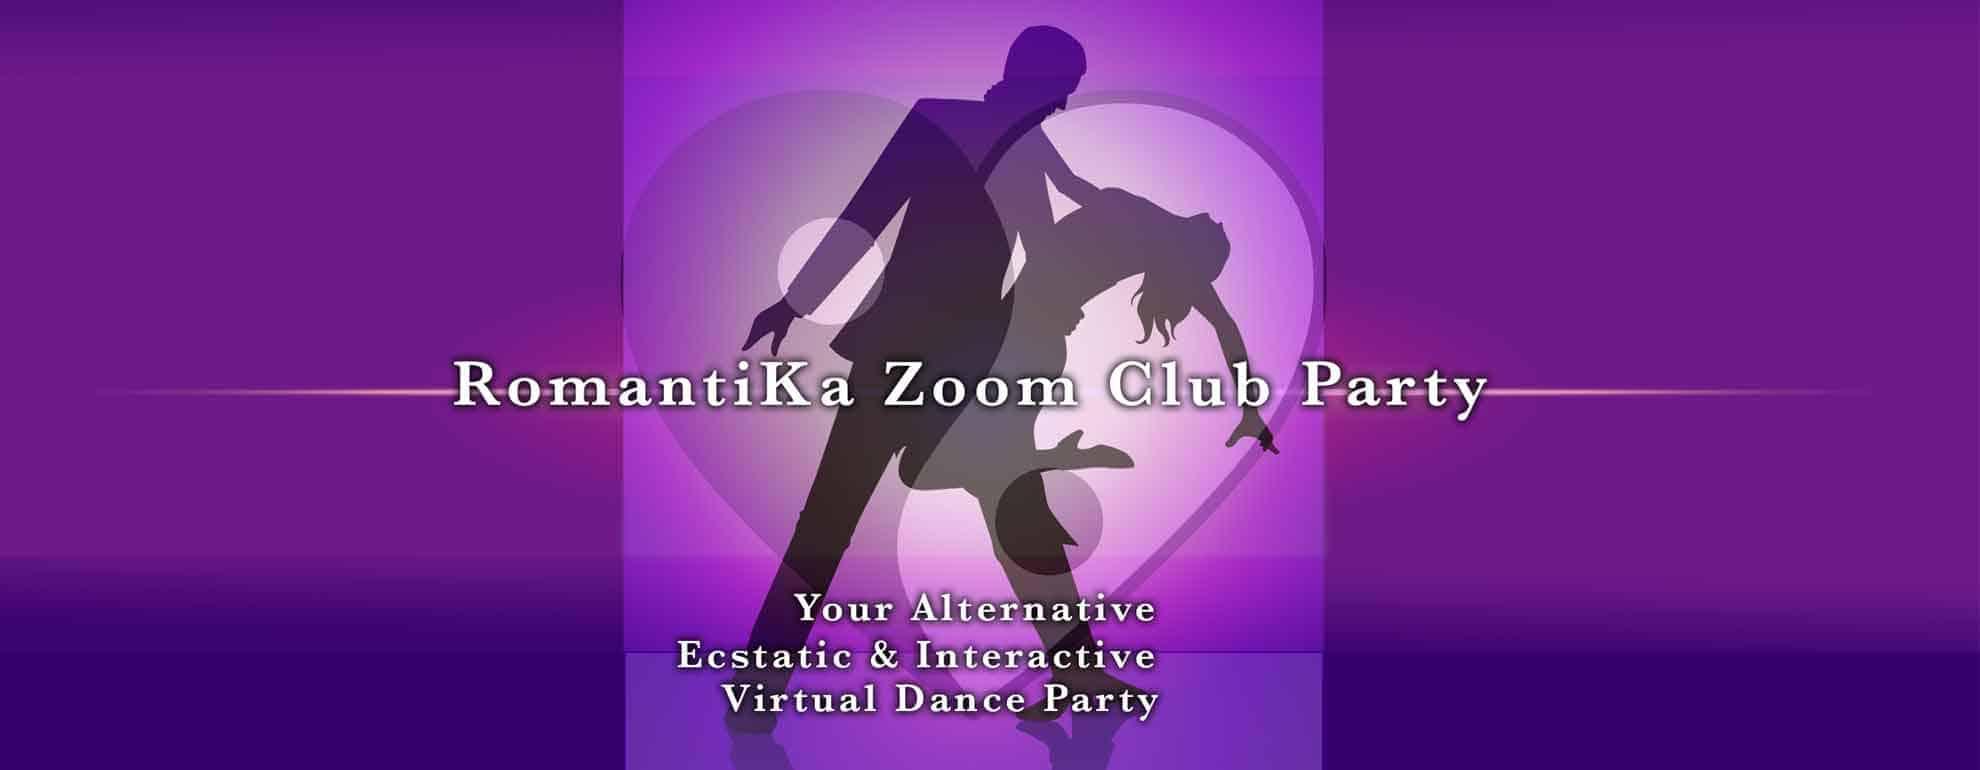 RomantiKa Zoom Club